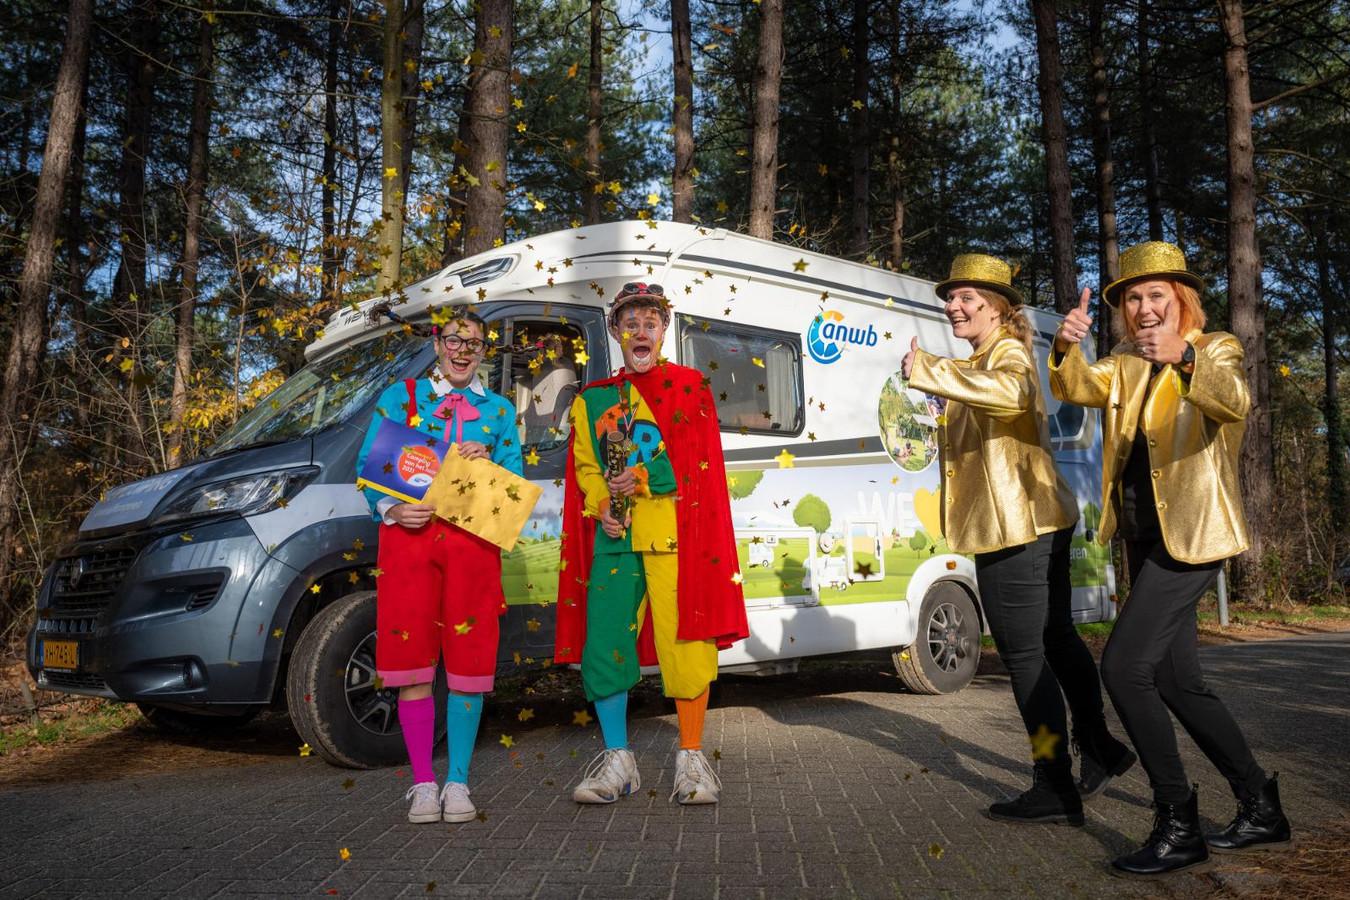 De ANWB kwam naar Camping de Paal toe om de nominatie bekend te maken.